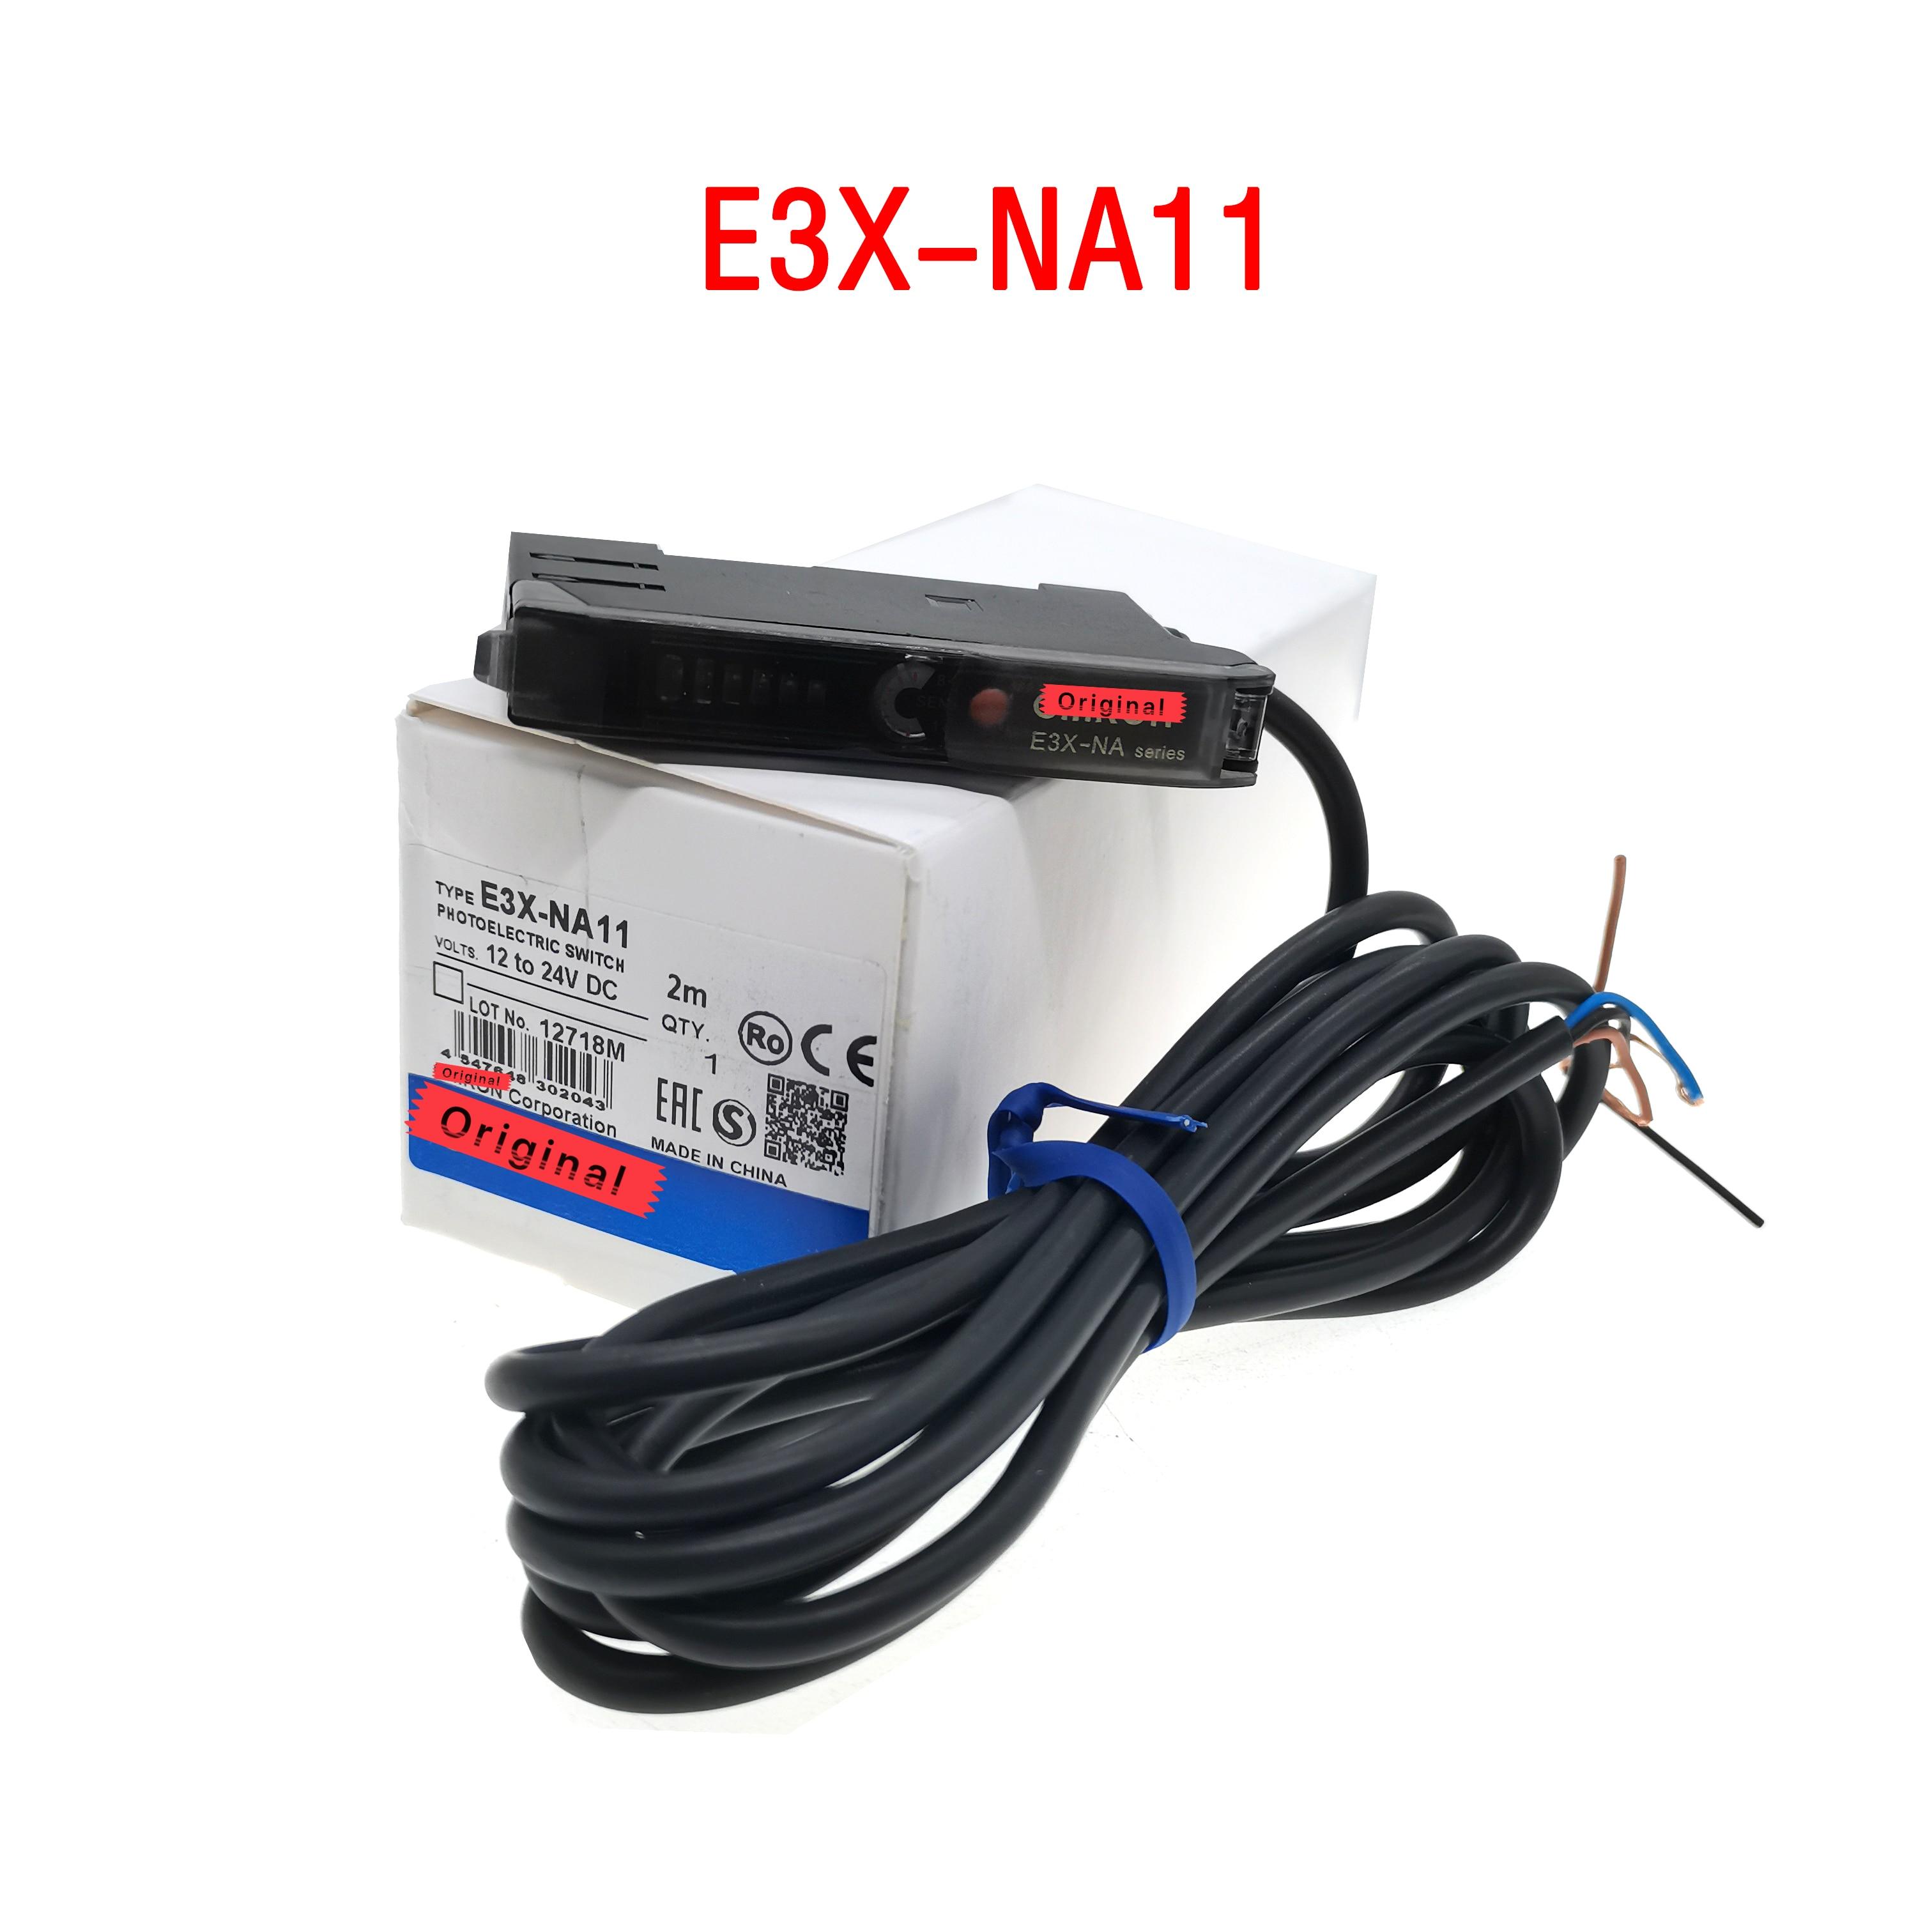 10 قطعة E3X-NA11 NPN جديد البصرية مضخم الألياف الاستشعار كهروضوئية الاستشعار عالية الجودة